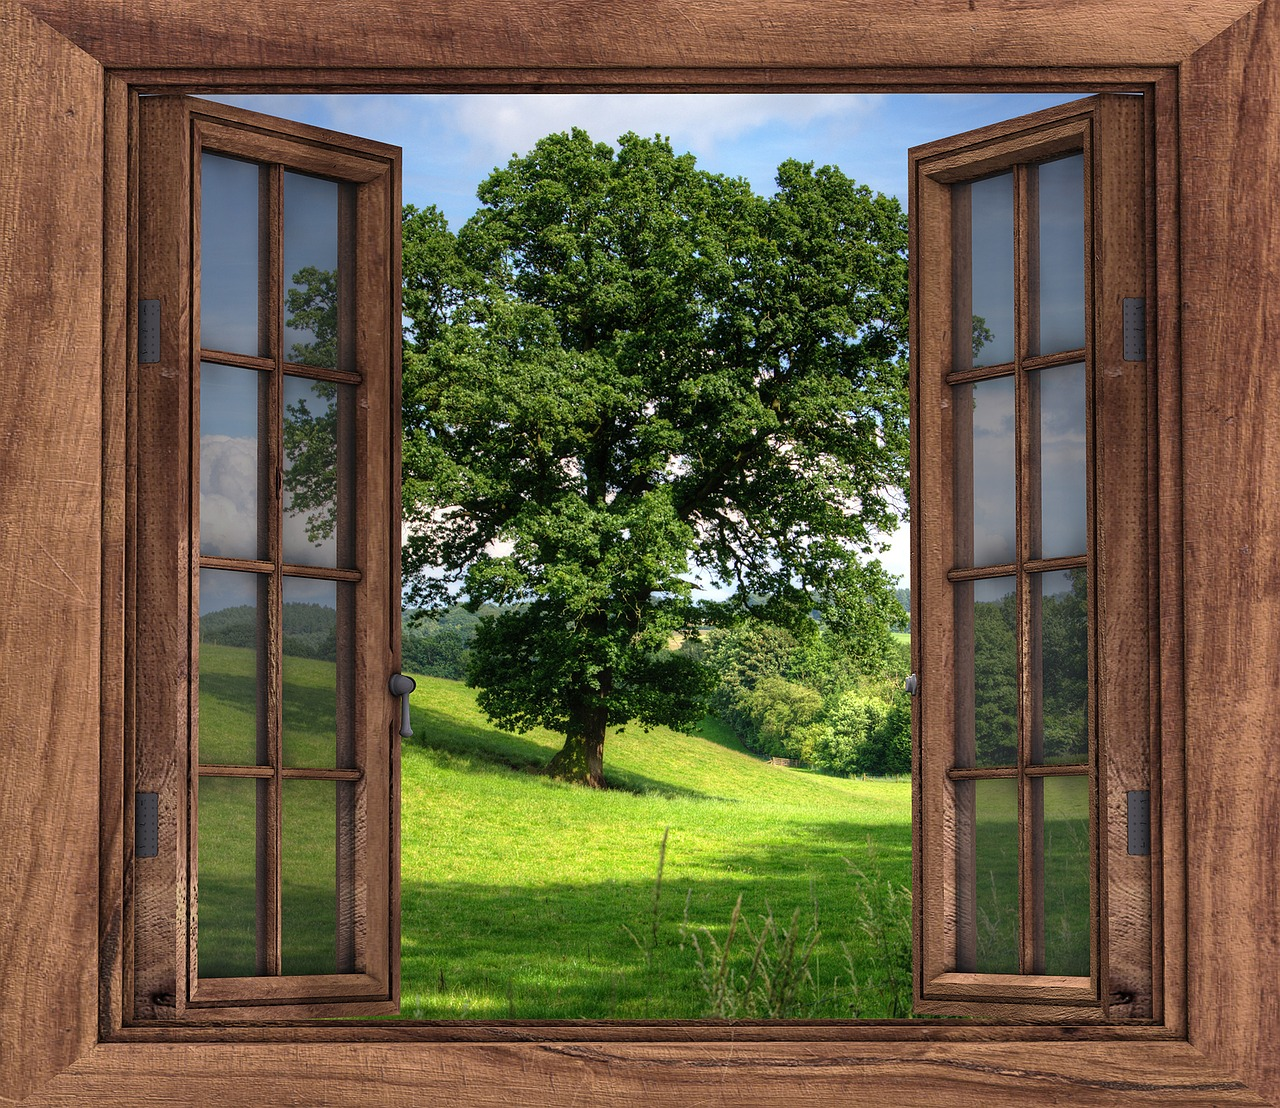 alberi intorno alla casa per raffrescare l'aria